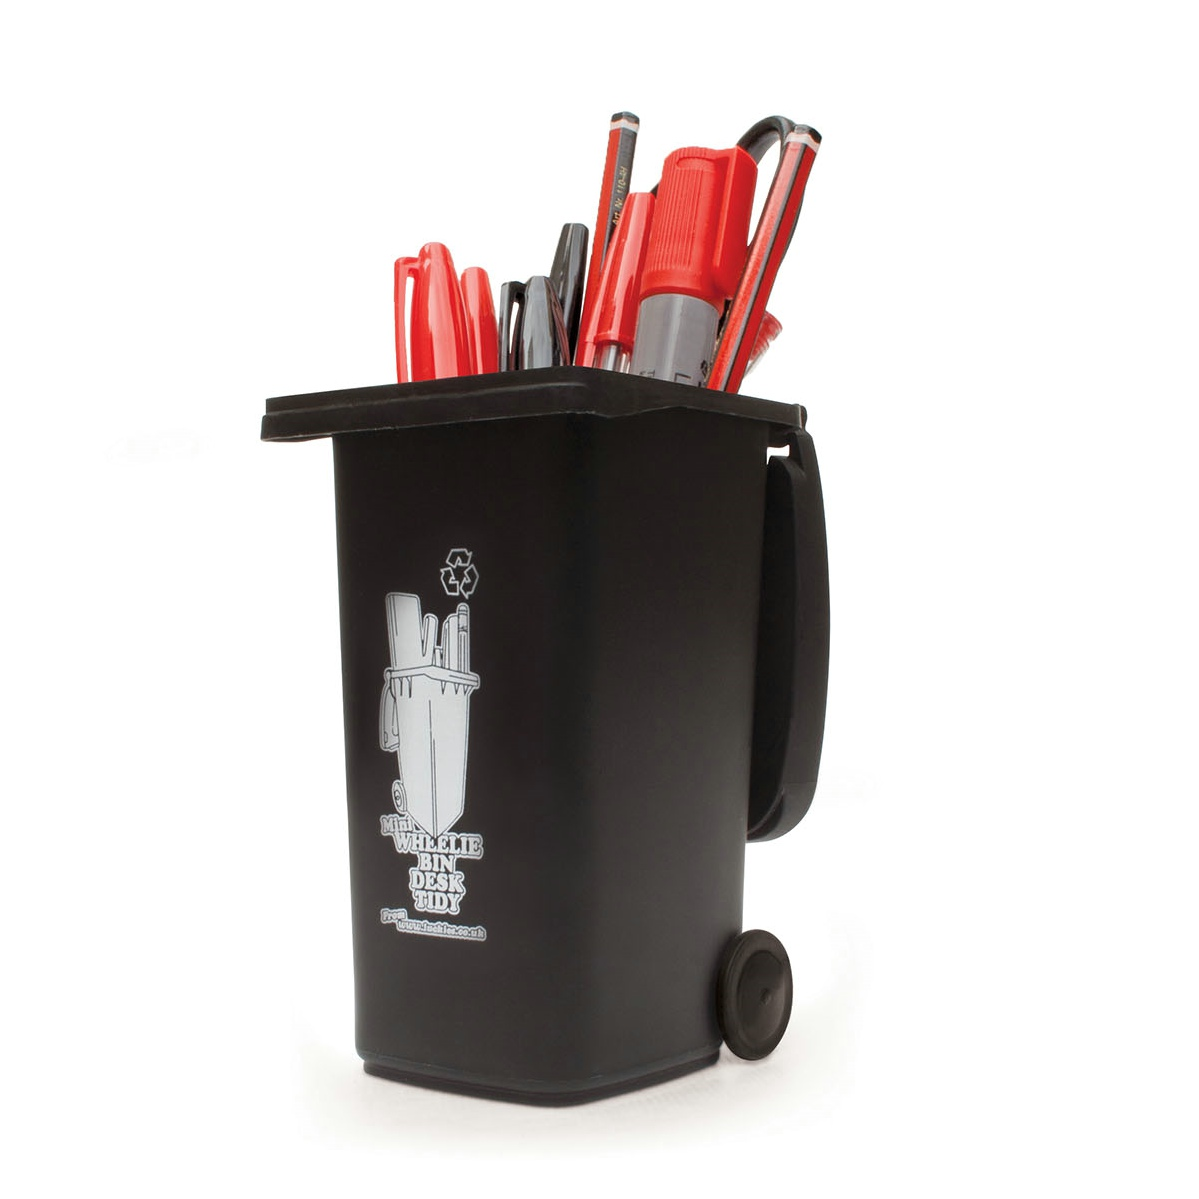 垃圾桶收纳笔筒/Wheelie Bin